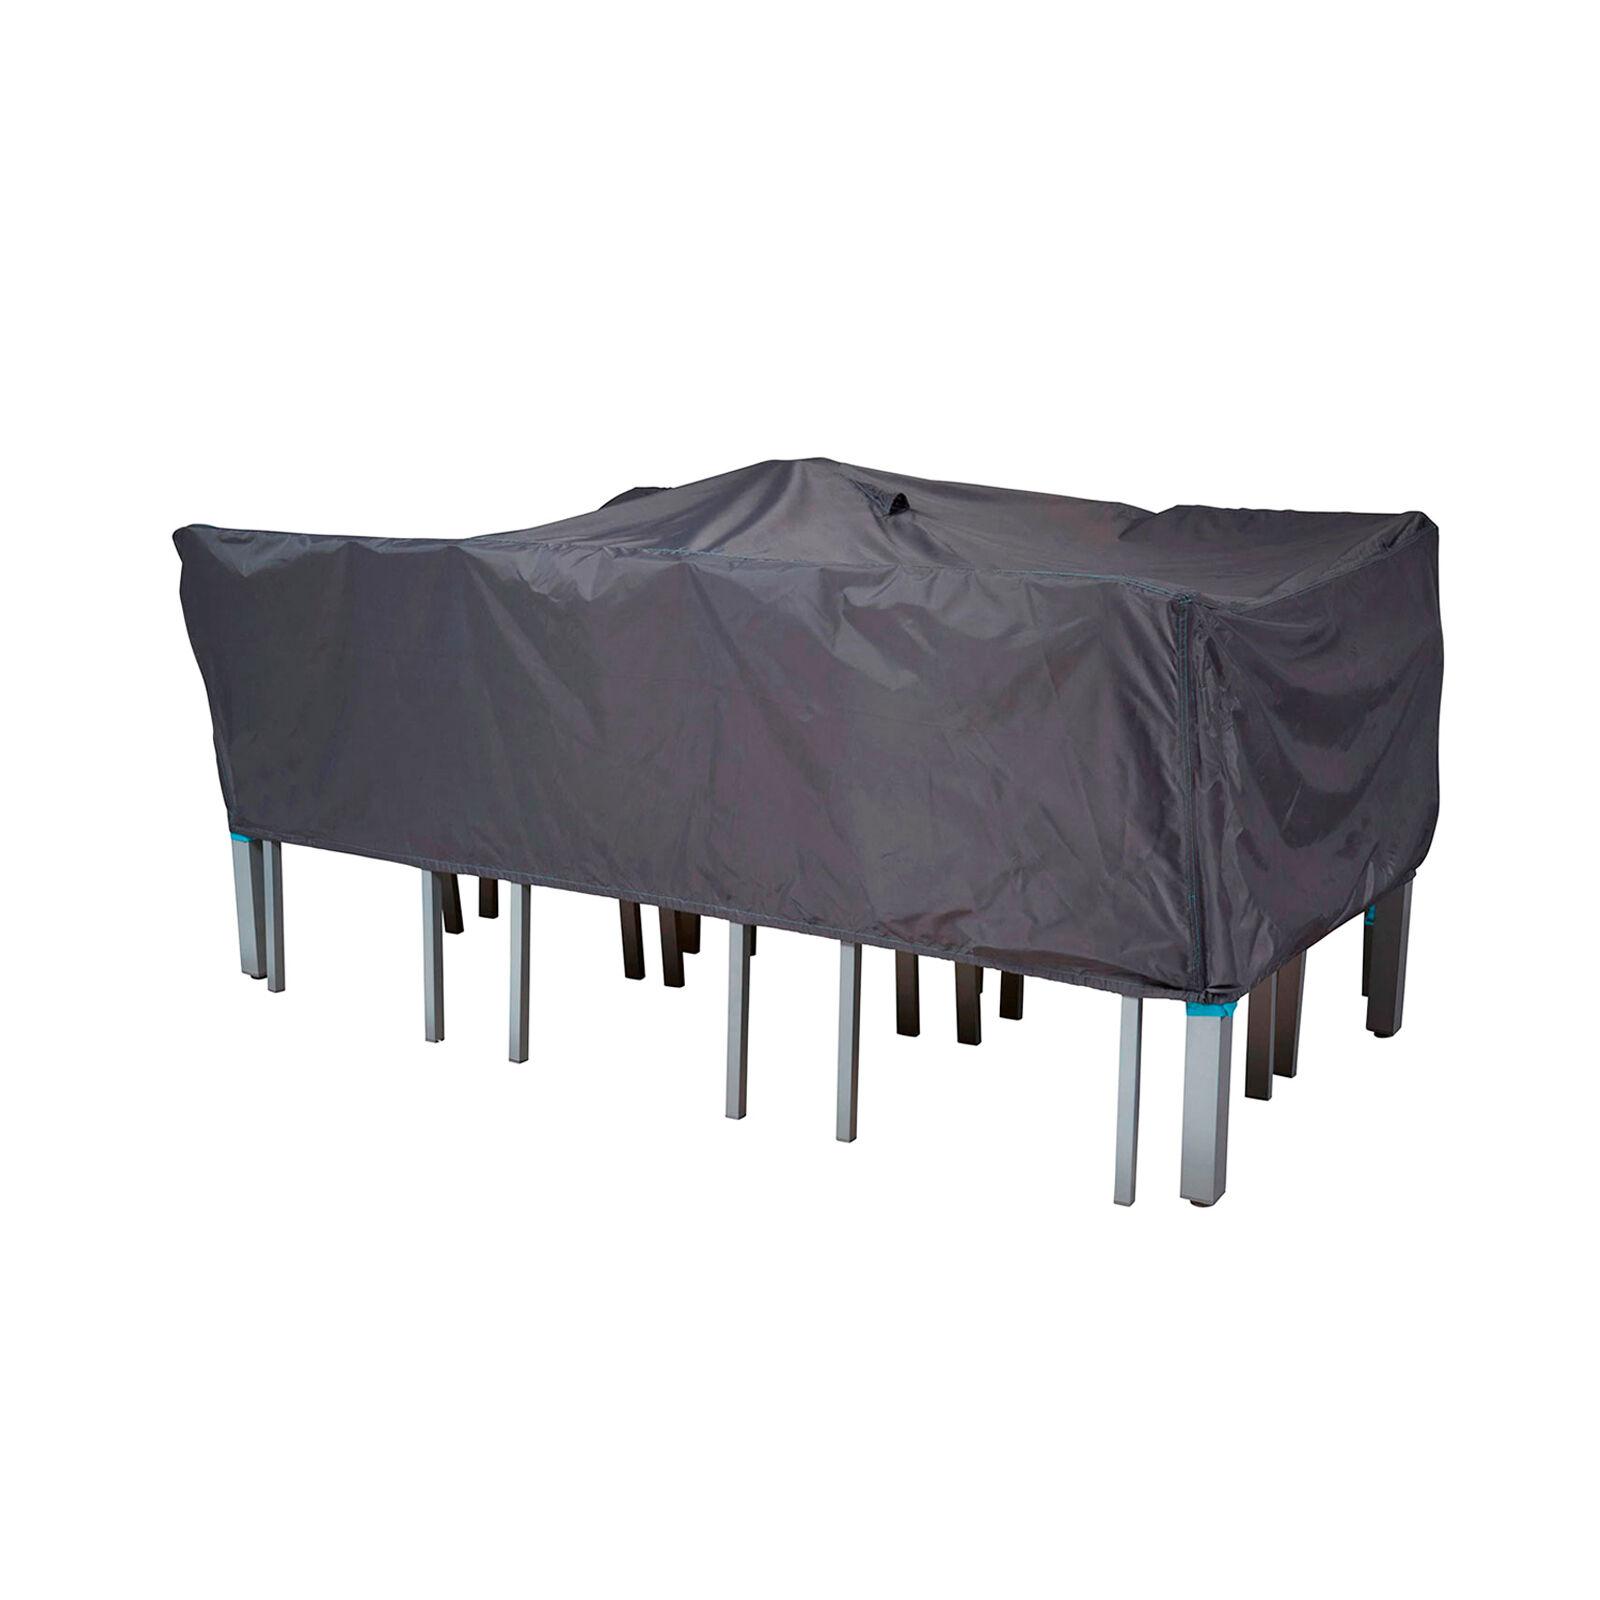 Milani Home COPERTURA - telo di copertura tavolo cm 240x130x60 h